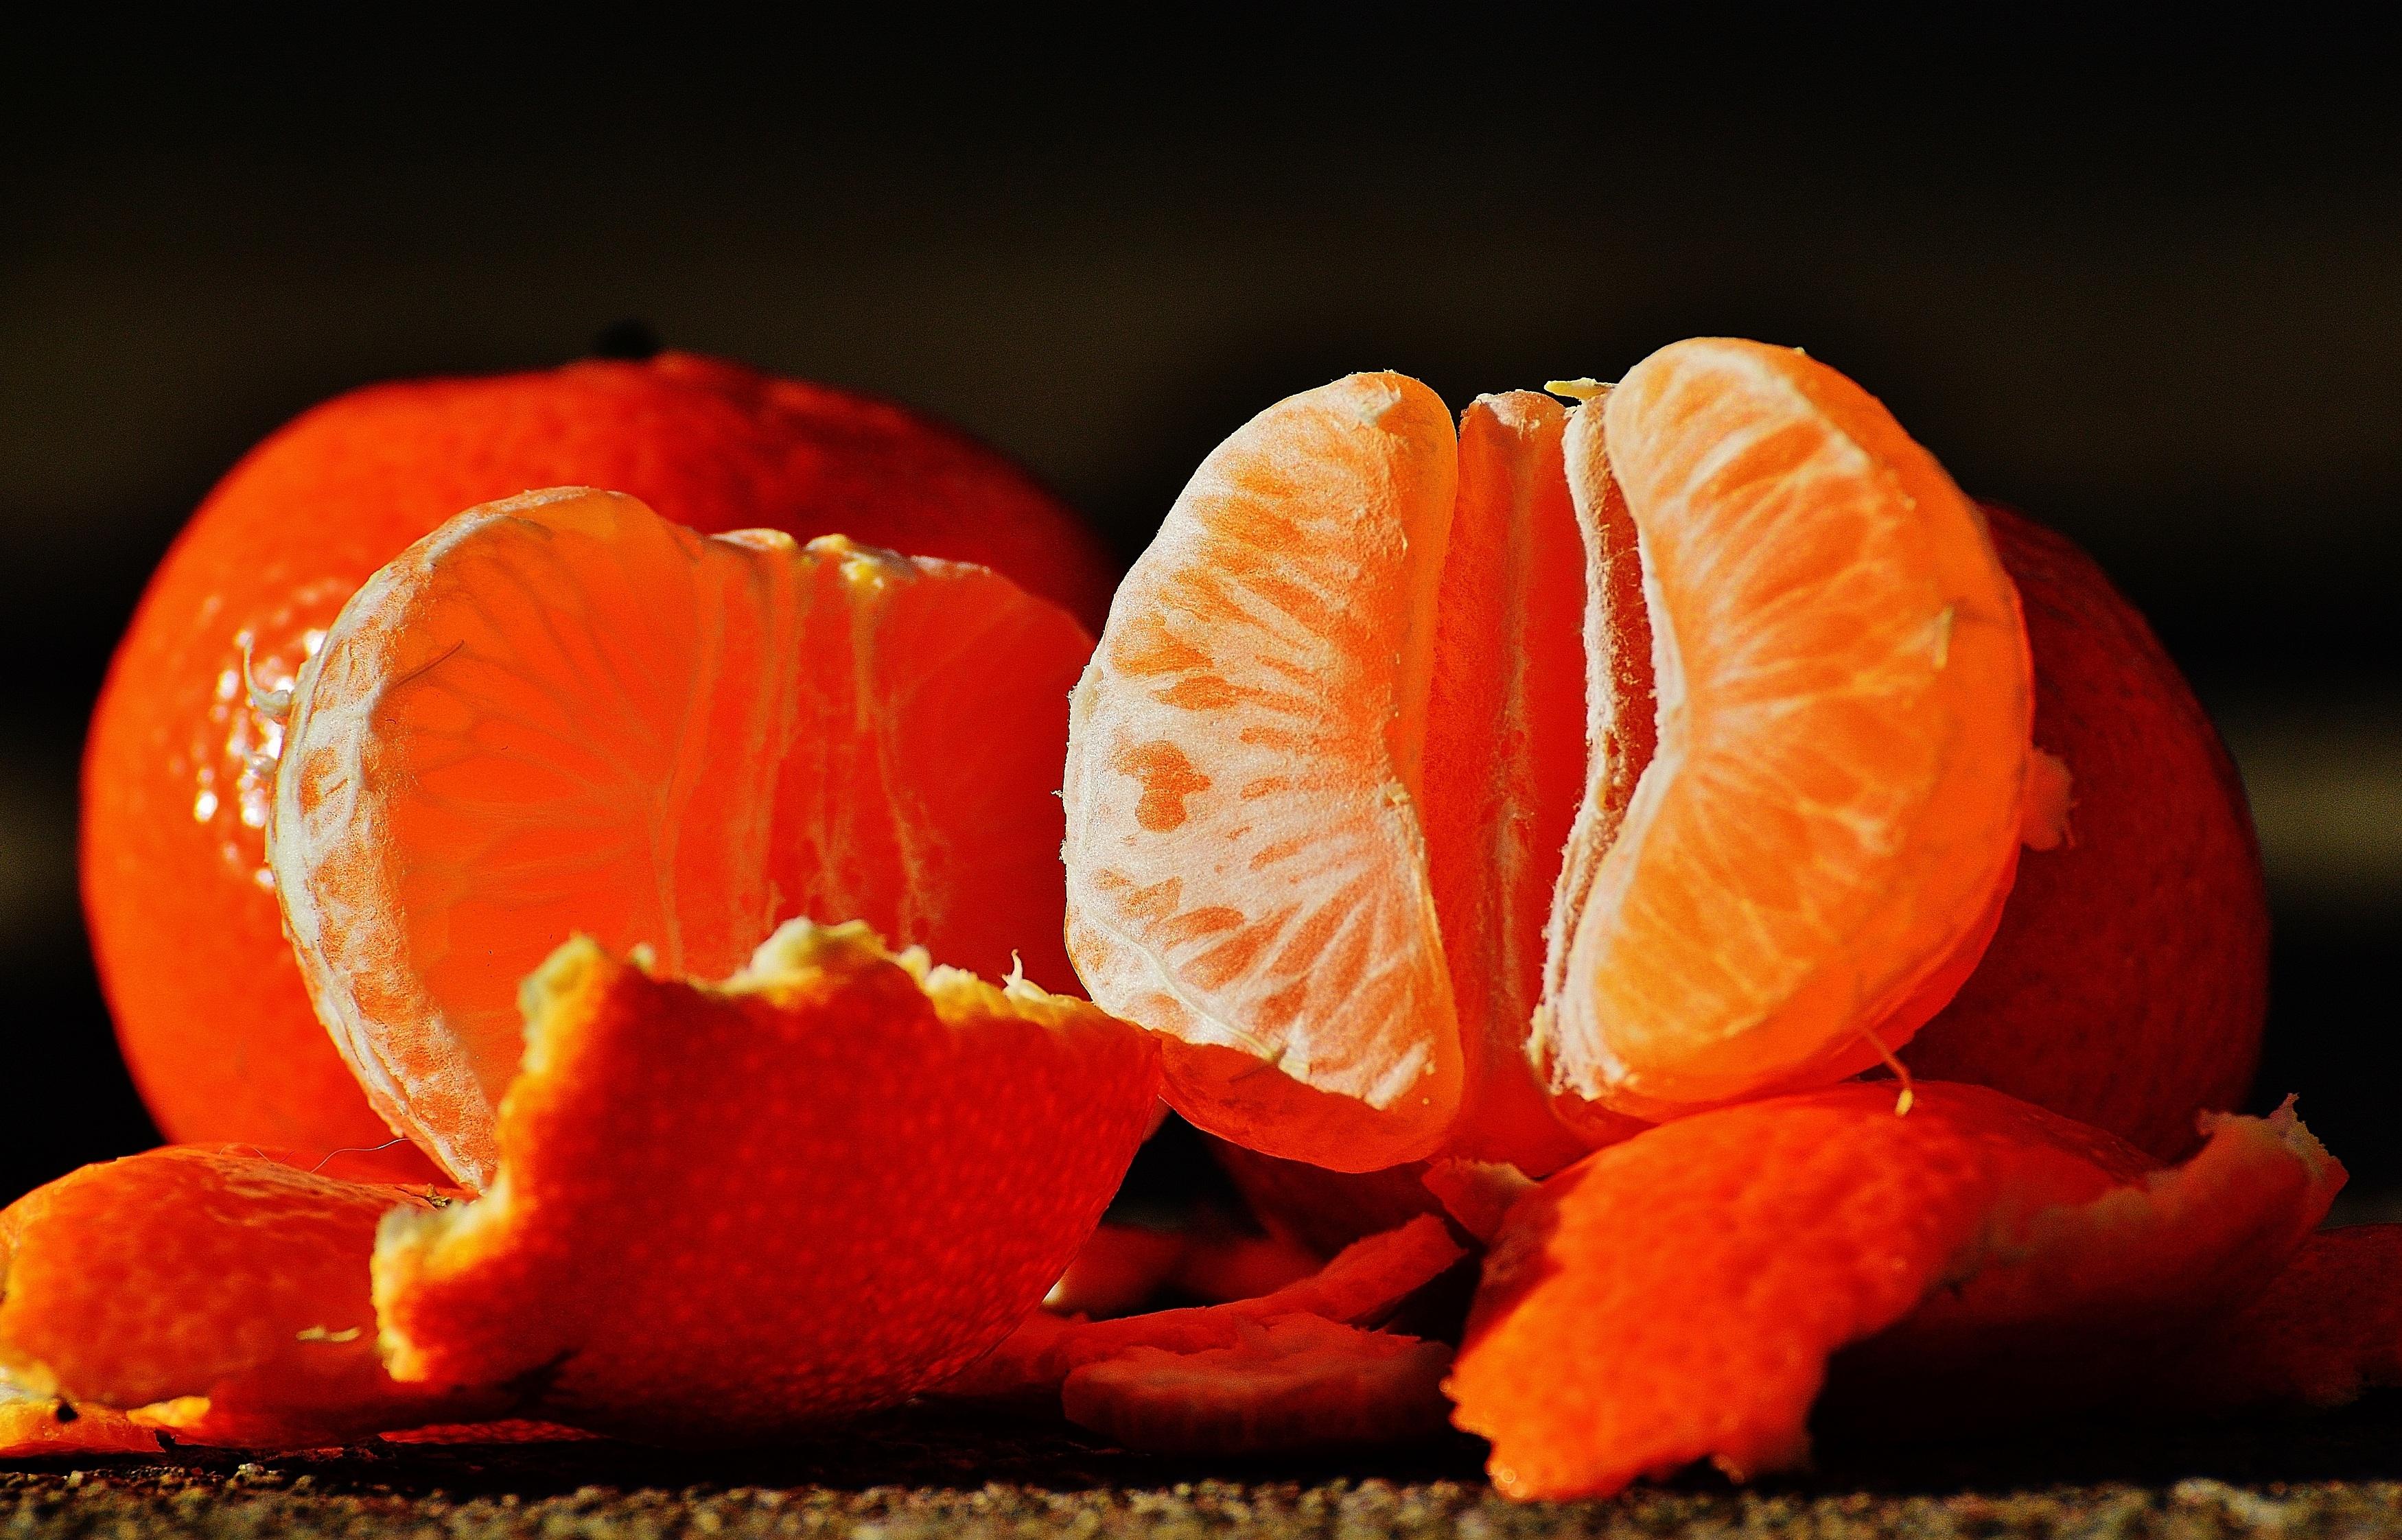 107047 Hintergrundbild 1280x800 kostenlos auf deinem Handy, lade Bilder Lebensmittel, Mandarinen, Die Frucht, Frucht, Schälen, Rinde 1280x800 auf dein Handy herunter